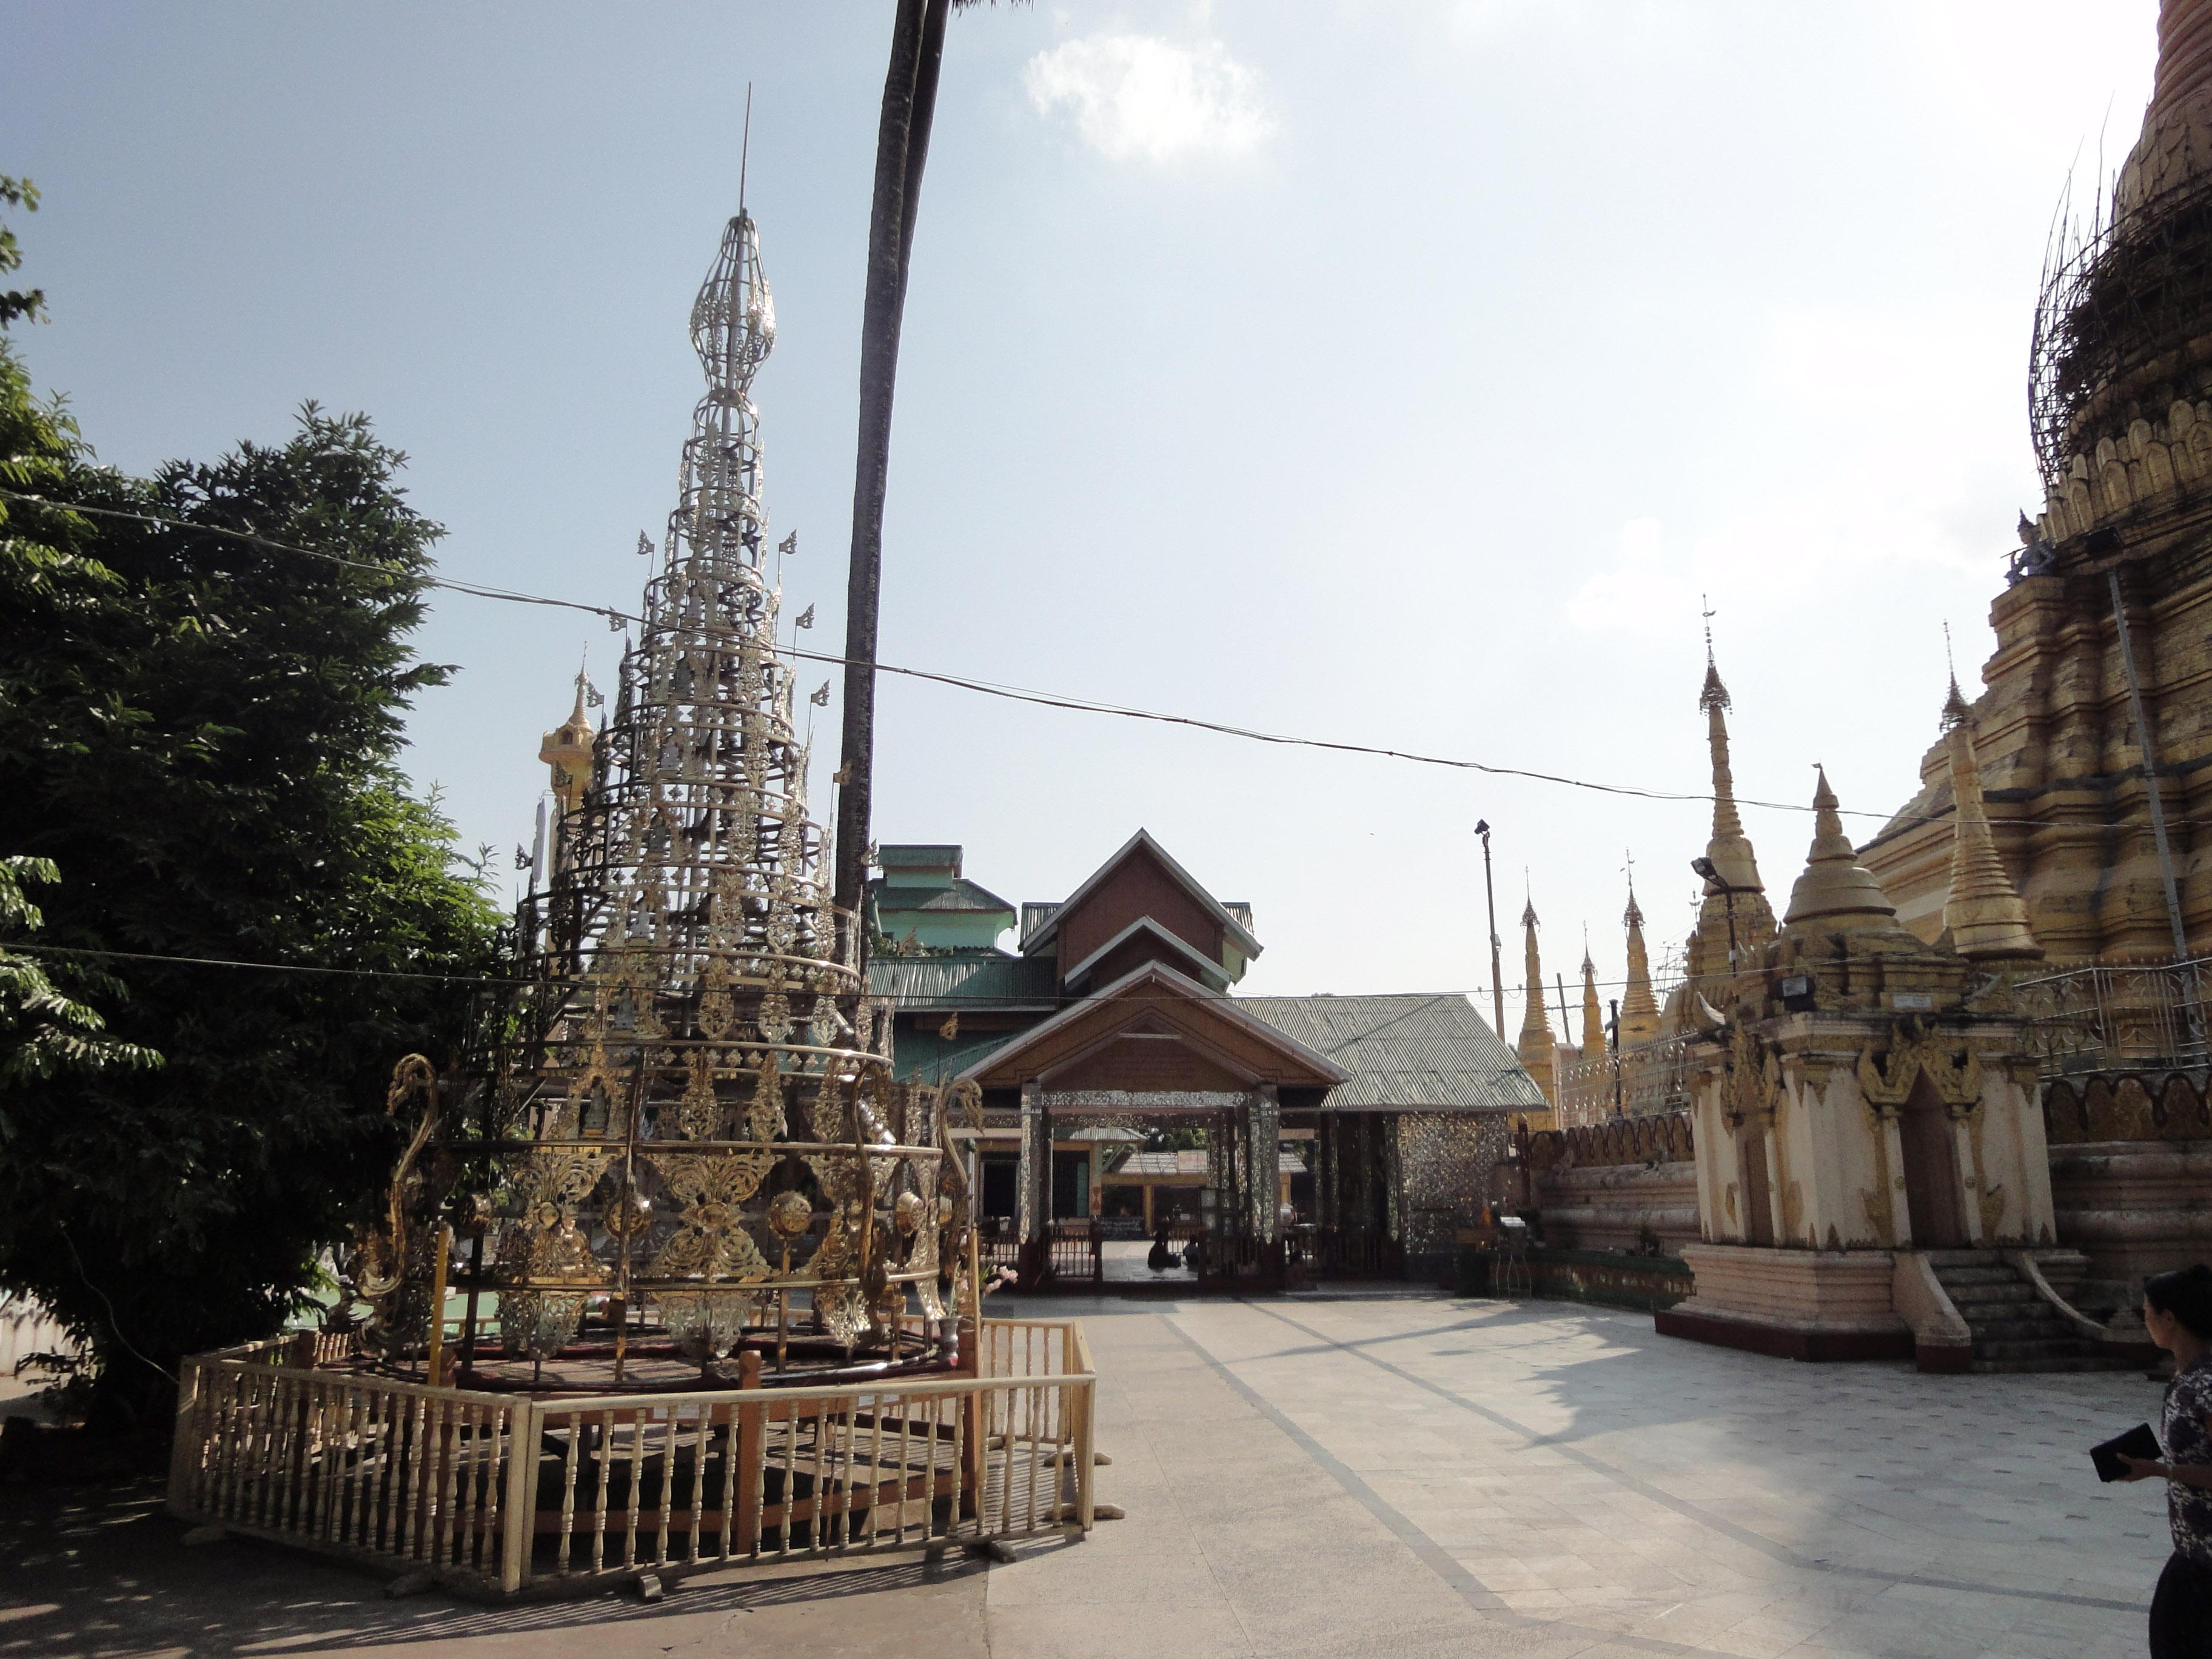 Kyaik Ka San Pagoda stupa crown design features South Oak ka lar 2009 05